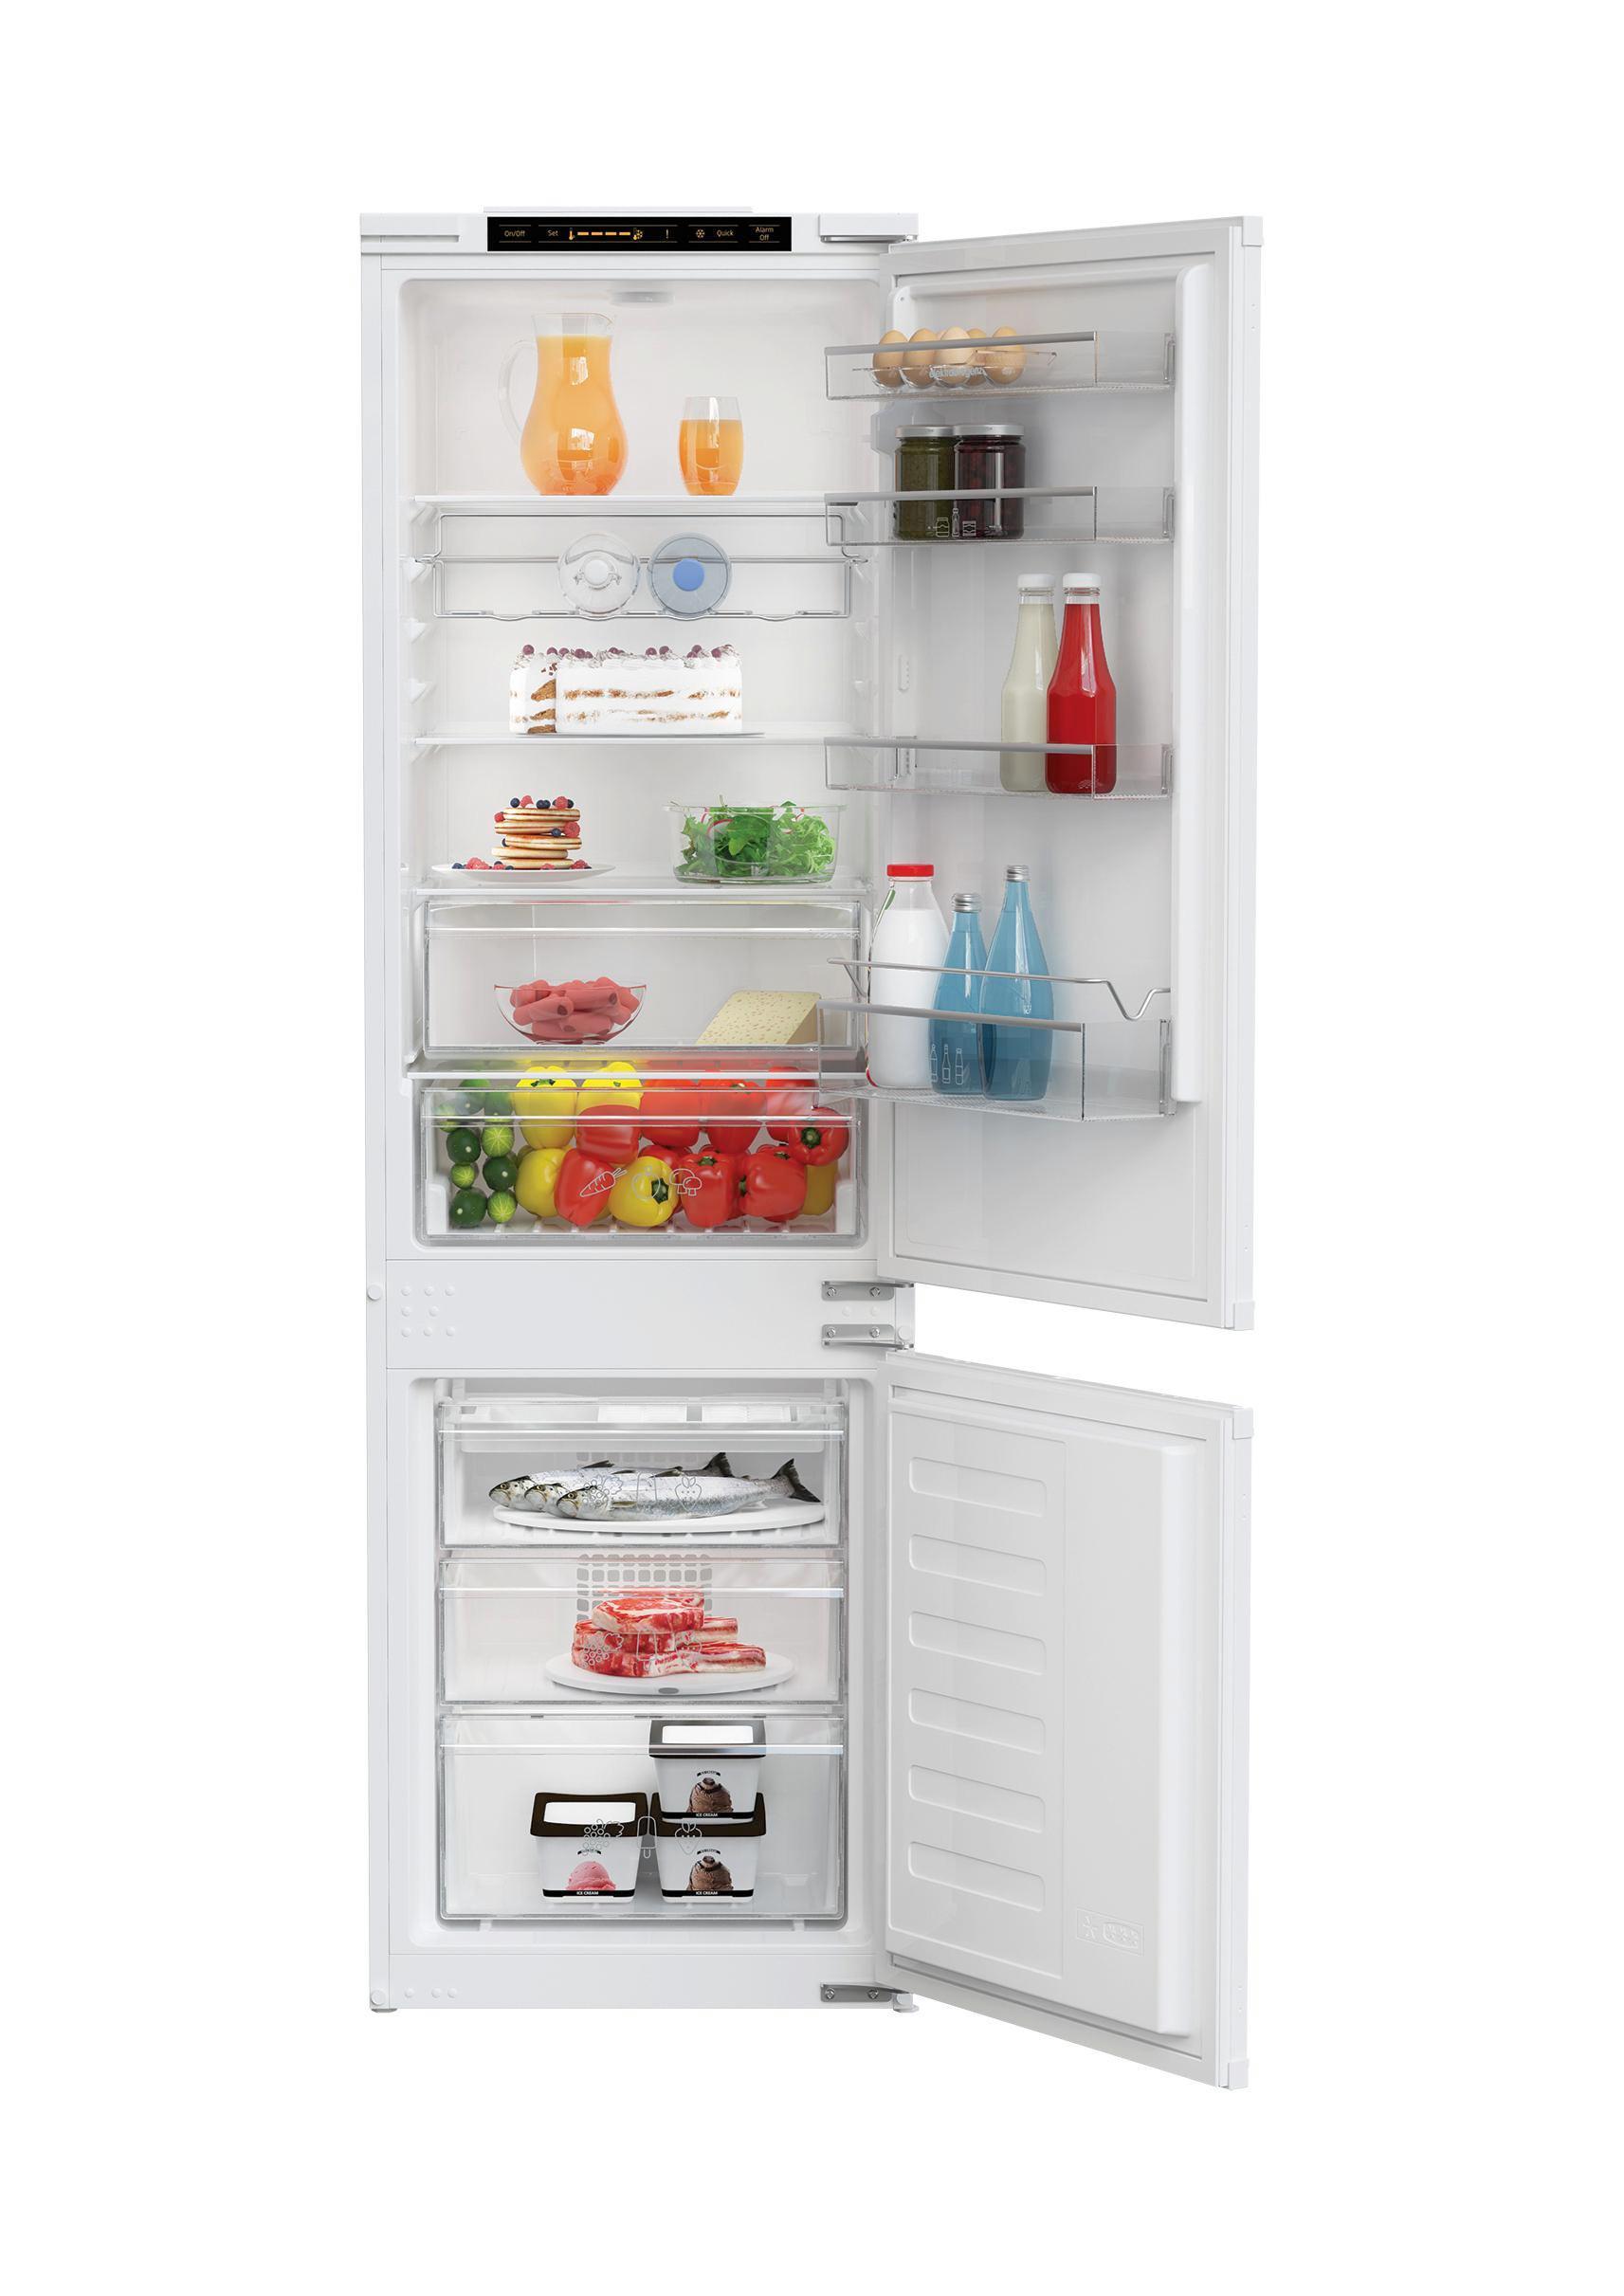 Kühlschrank Gefrierschrank Kombination : Kühl gefrier kombination mk kib online kaufen ➤ möbelix